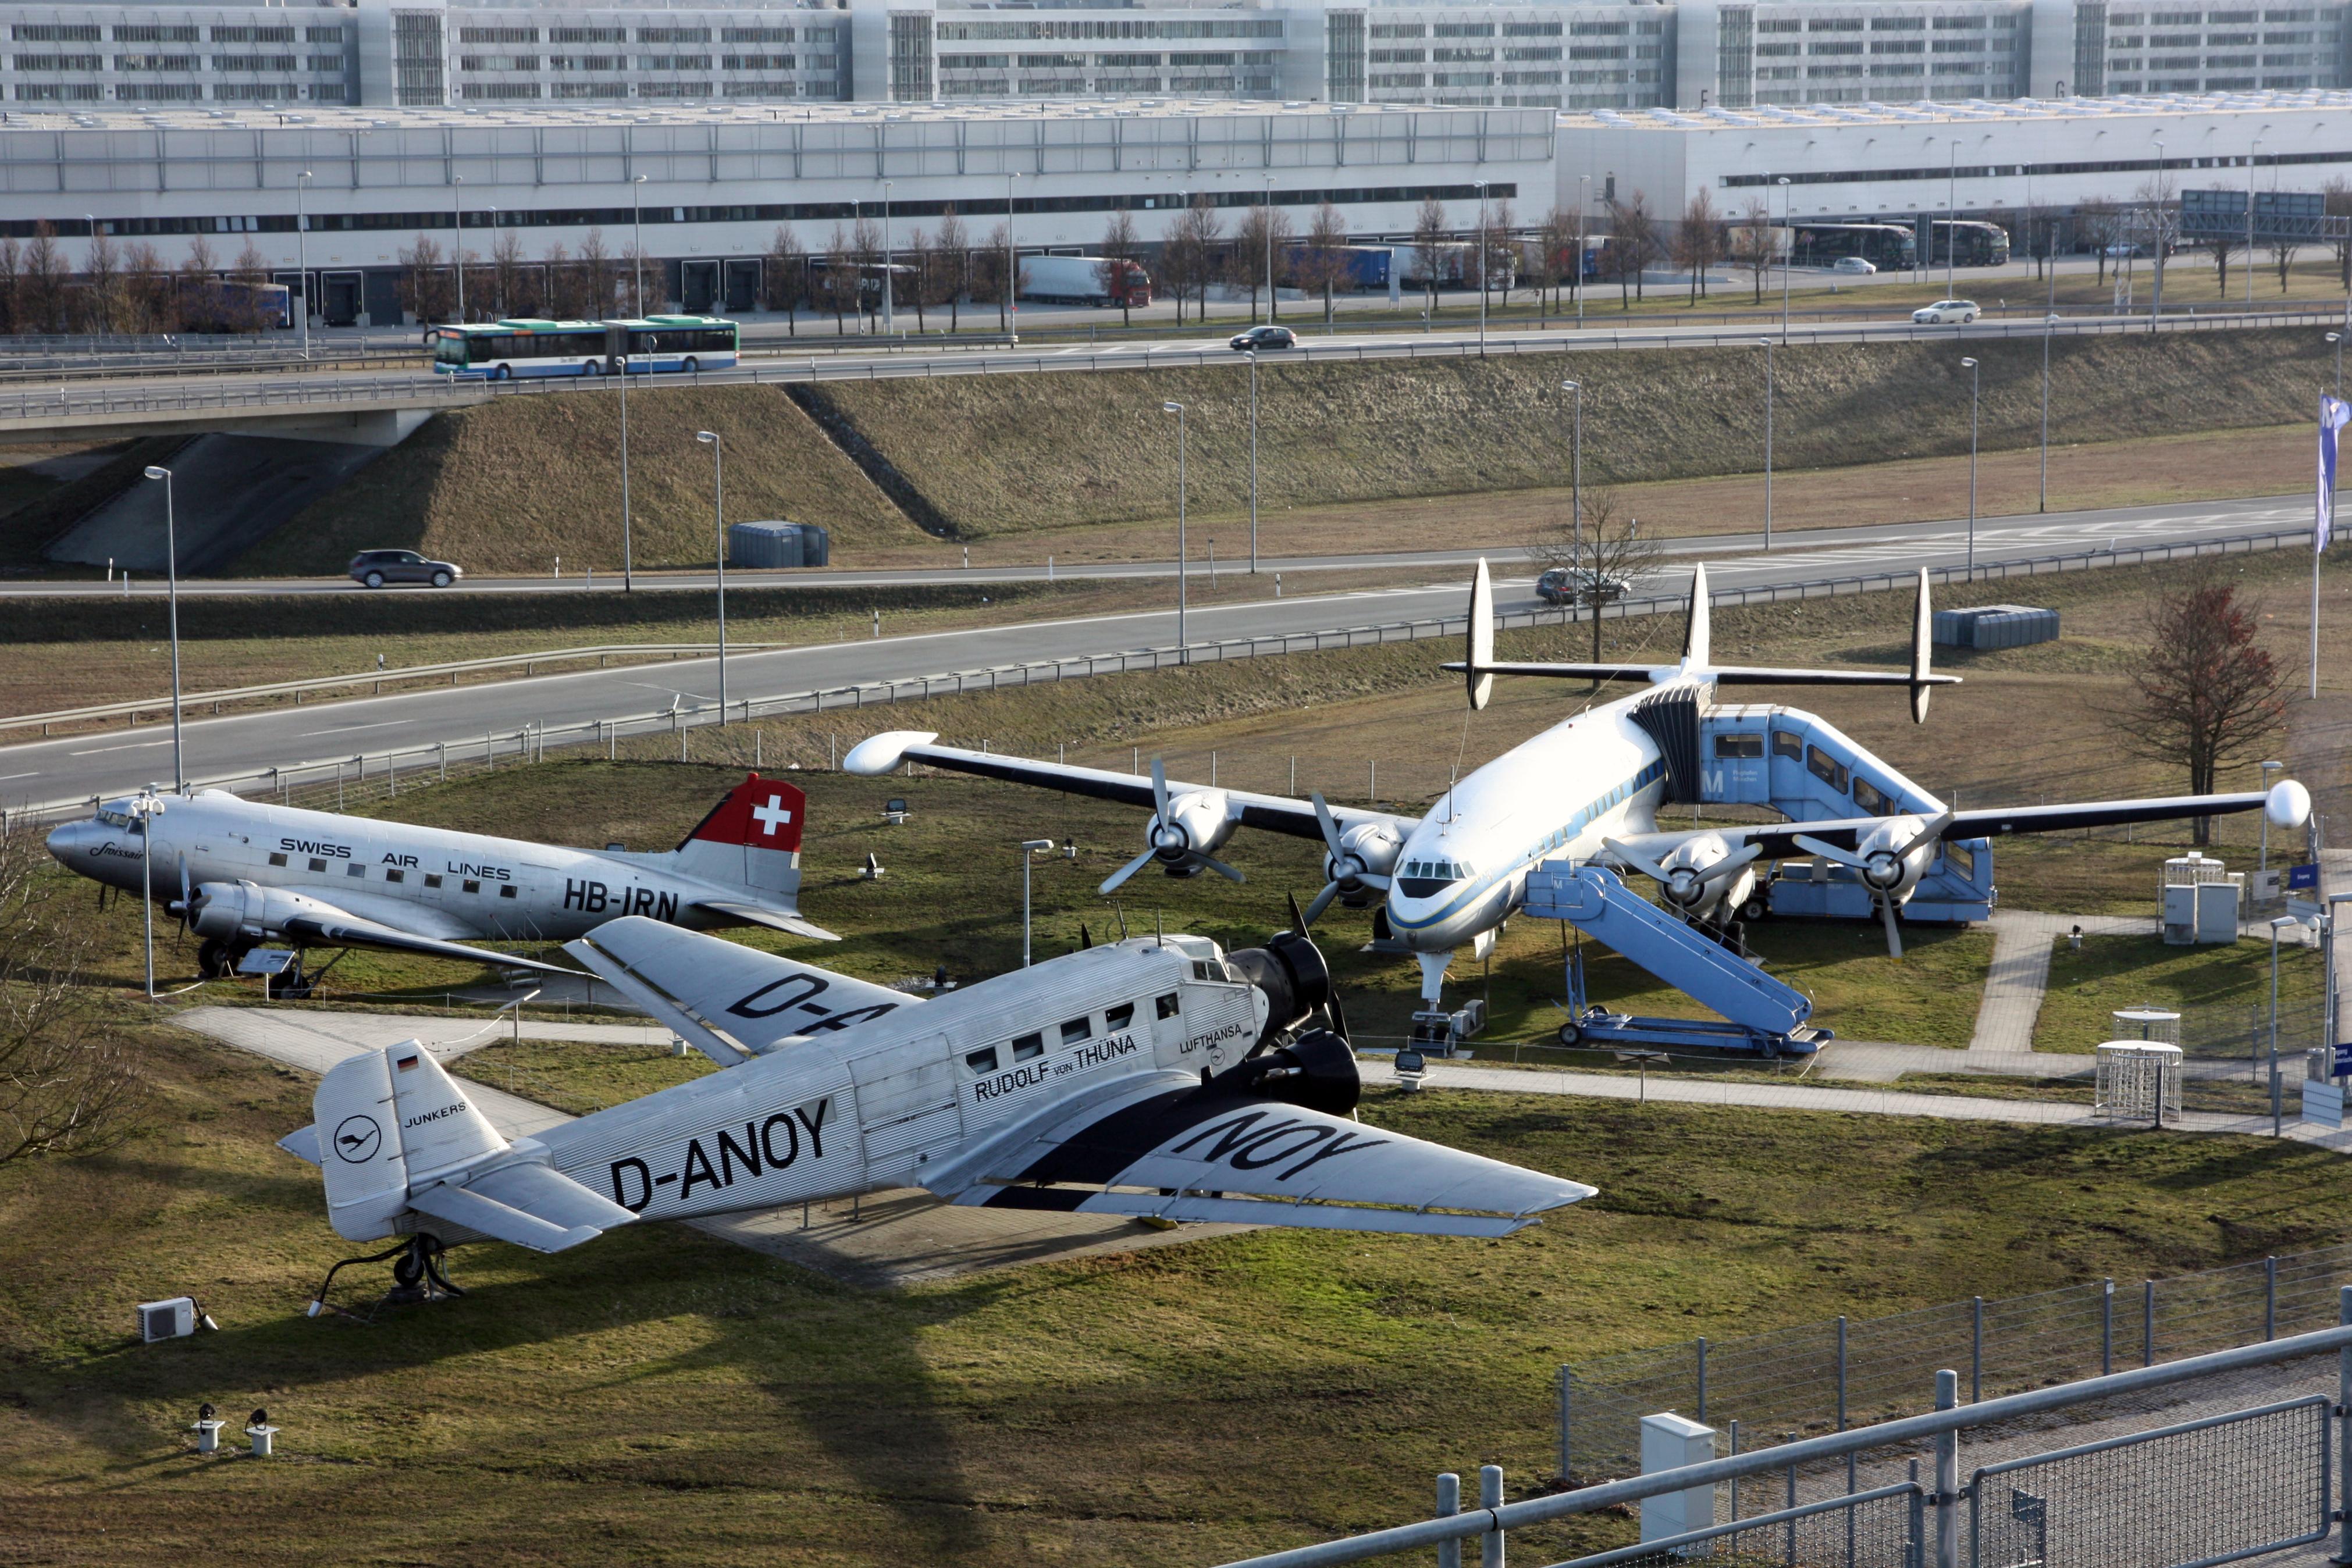 Neue Dusche Planen : Planes at Munich Airport